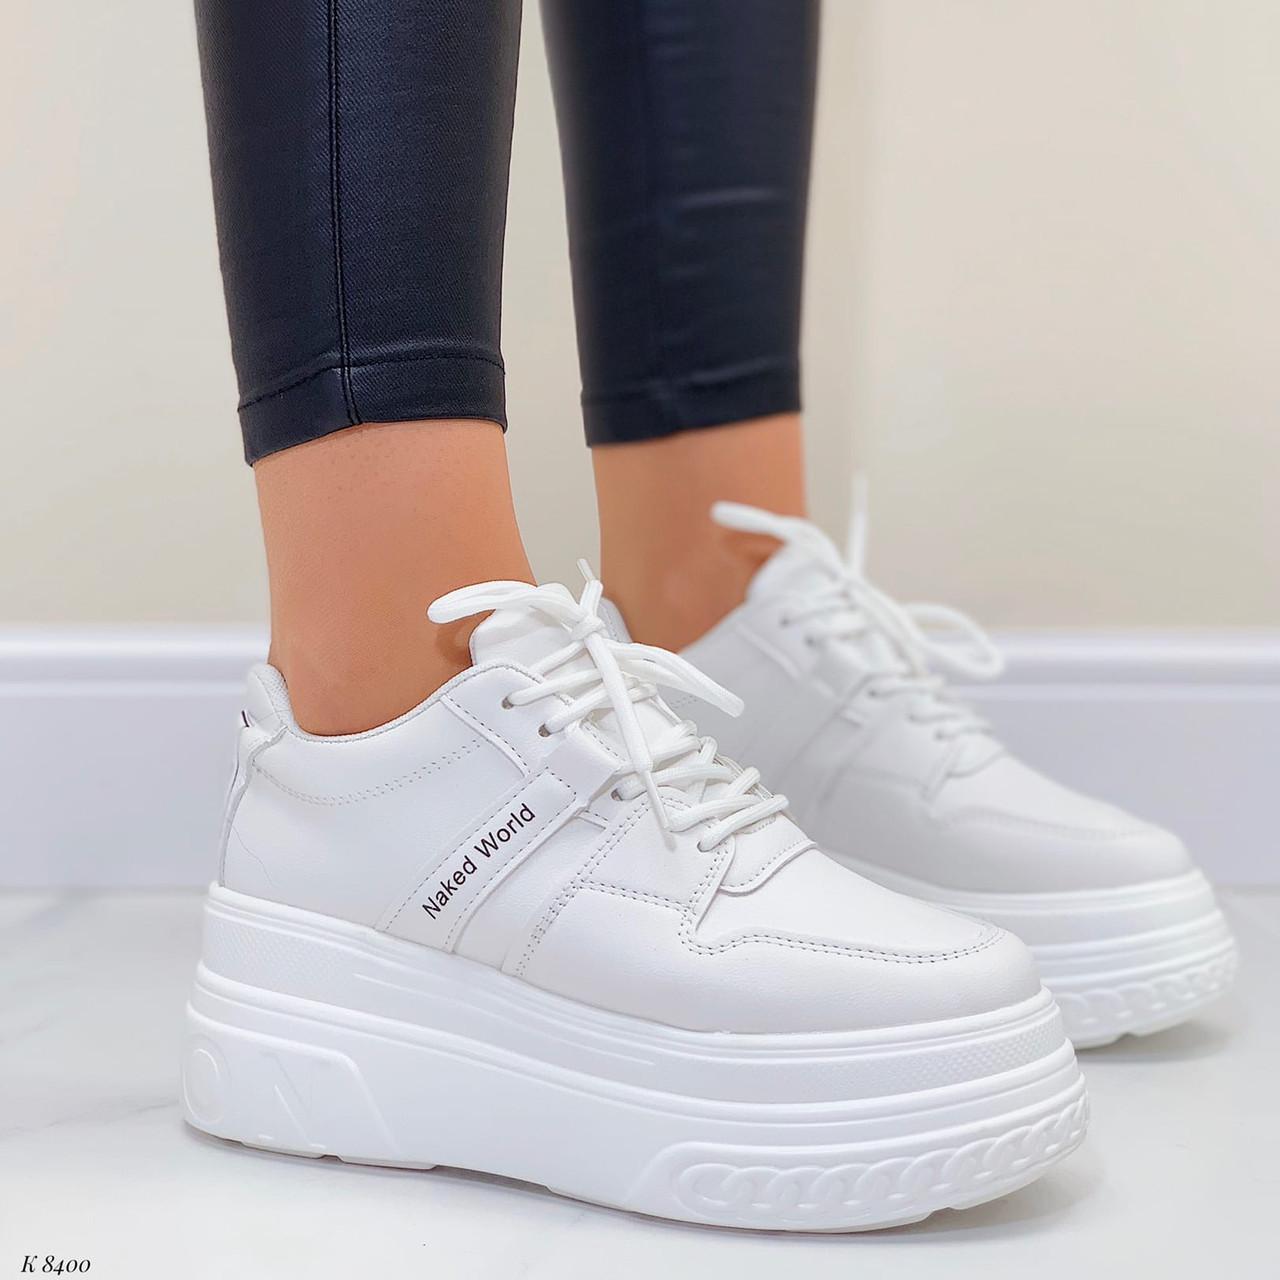 ТОЛЬКО 25,5 см!!! Стильные кроссовки женские белые на платформе 7 см эко-кожа